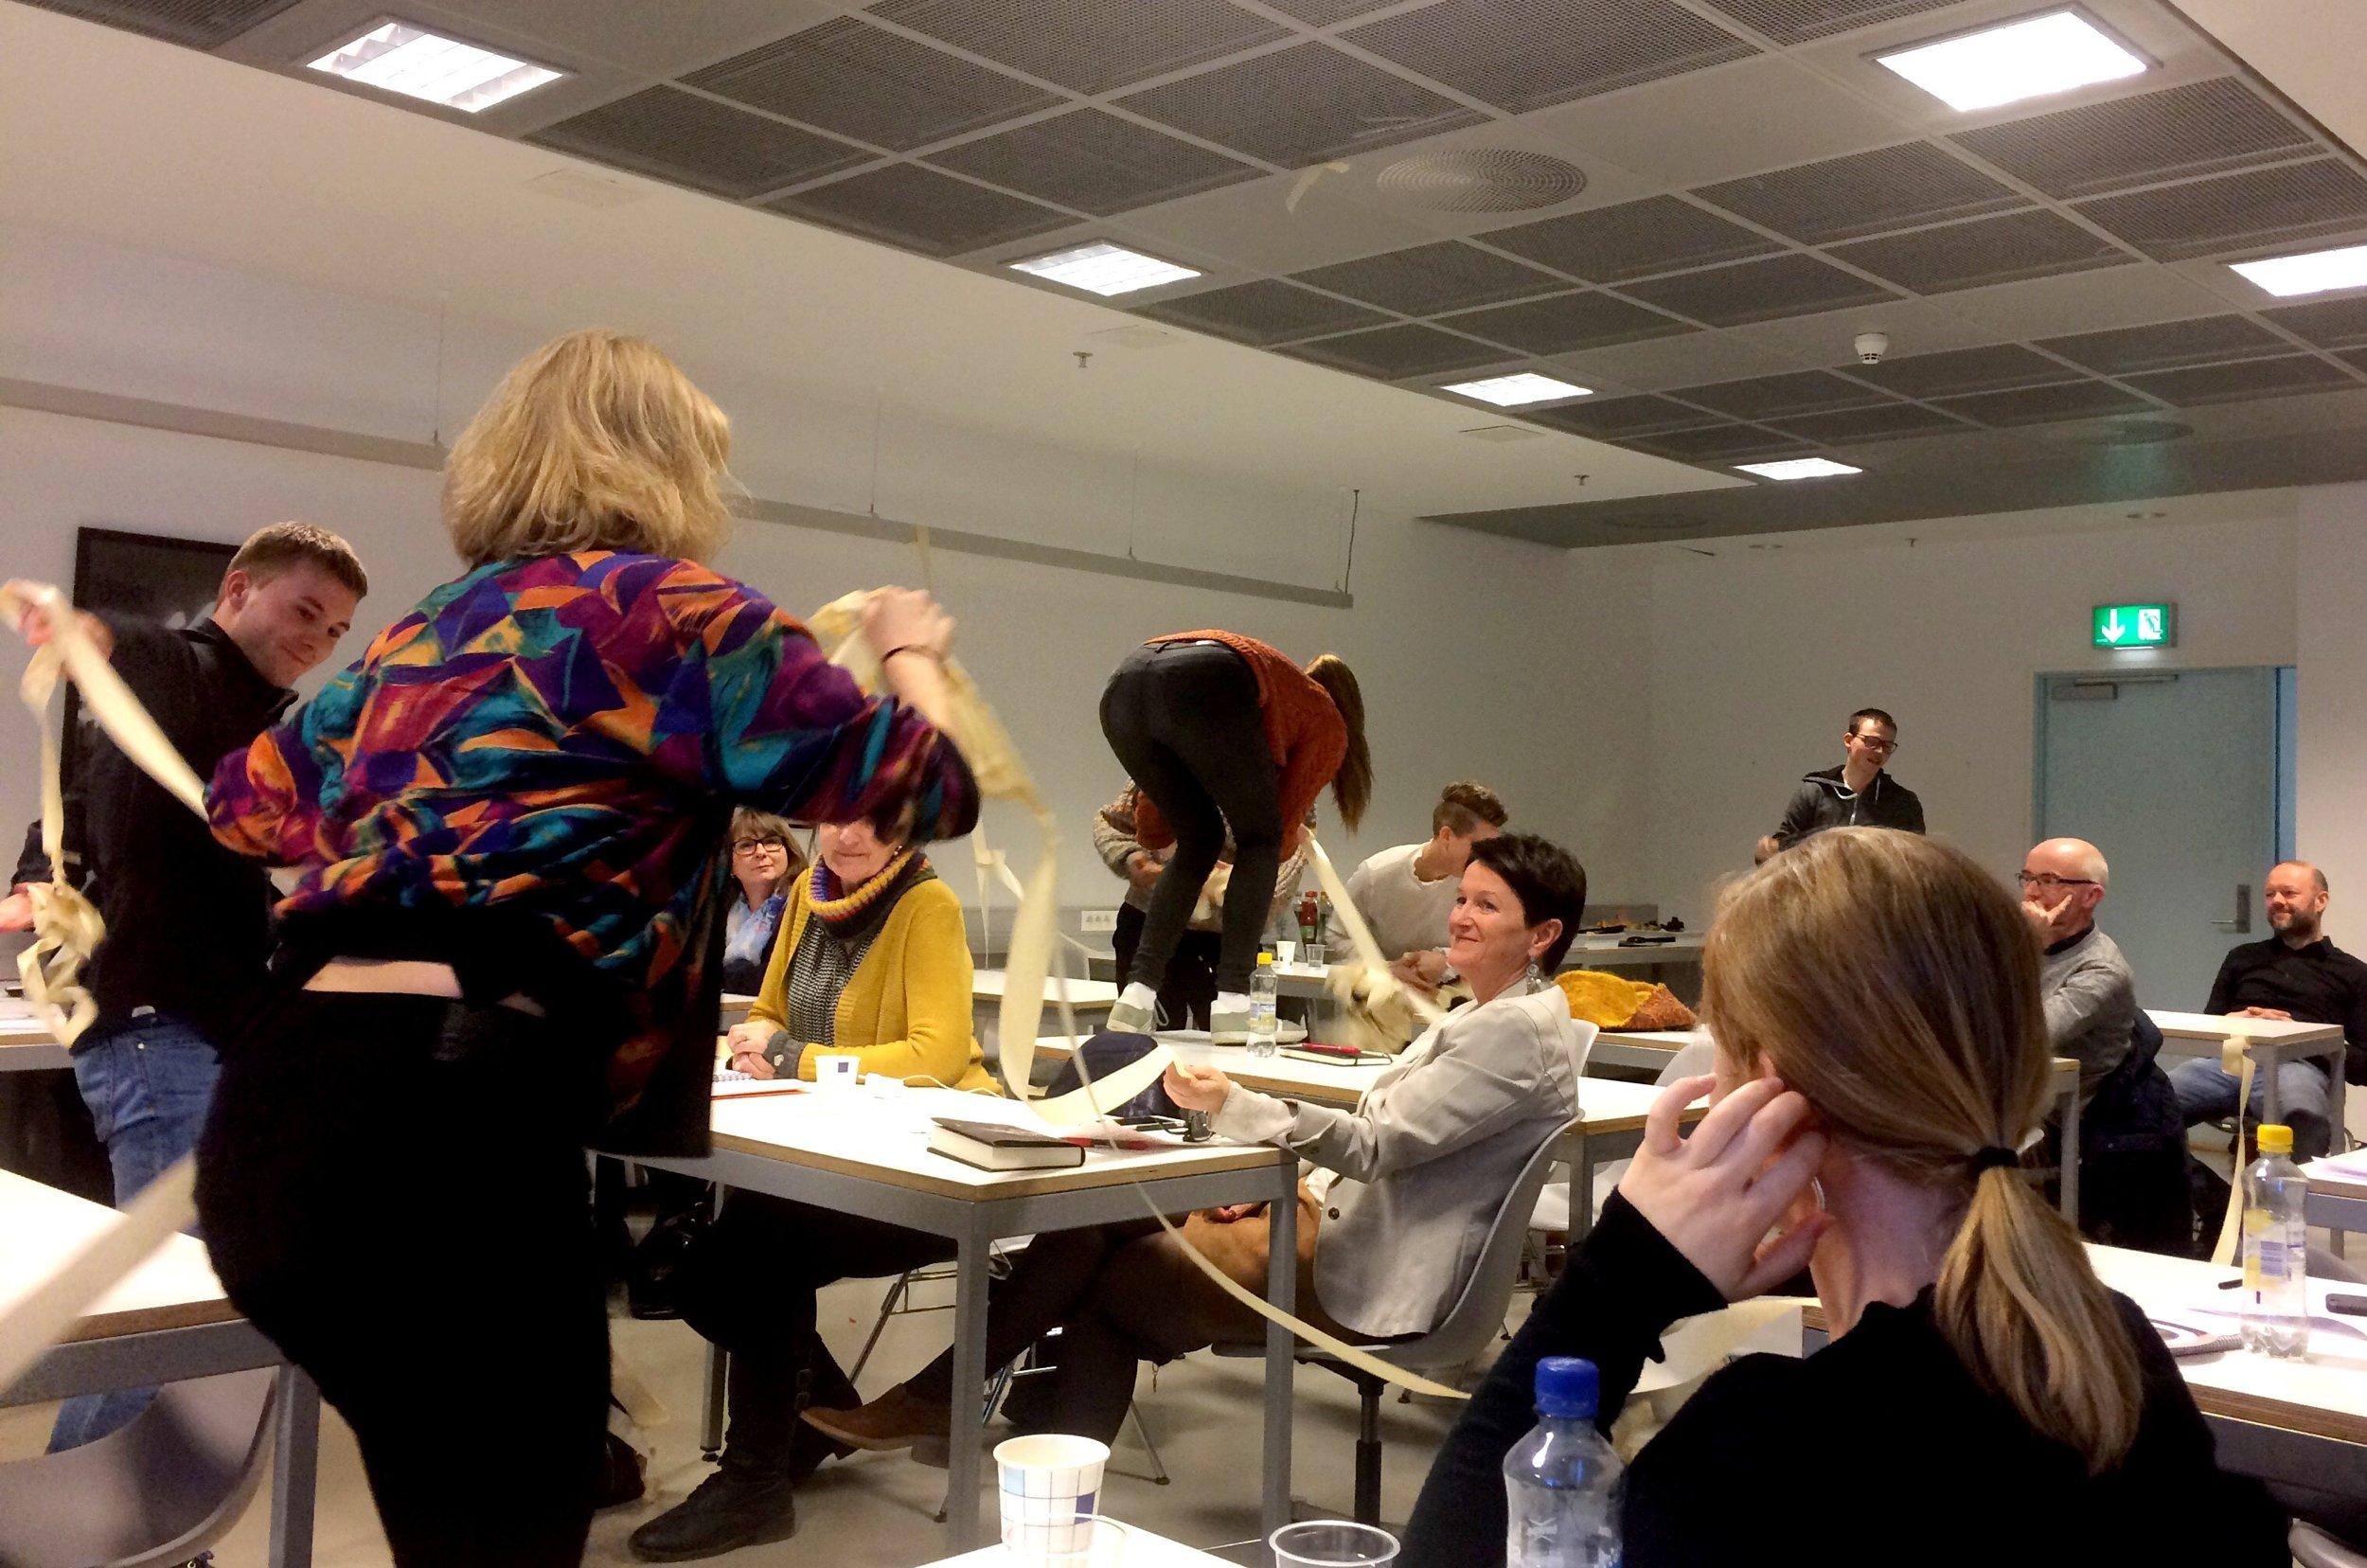 Rom for dans inntar møterommet. Foto: Karlina Fierro Nordgreen